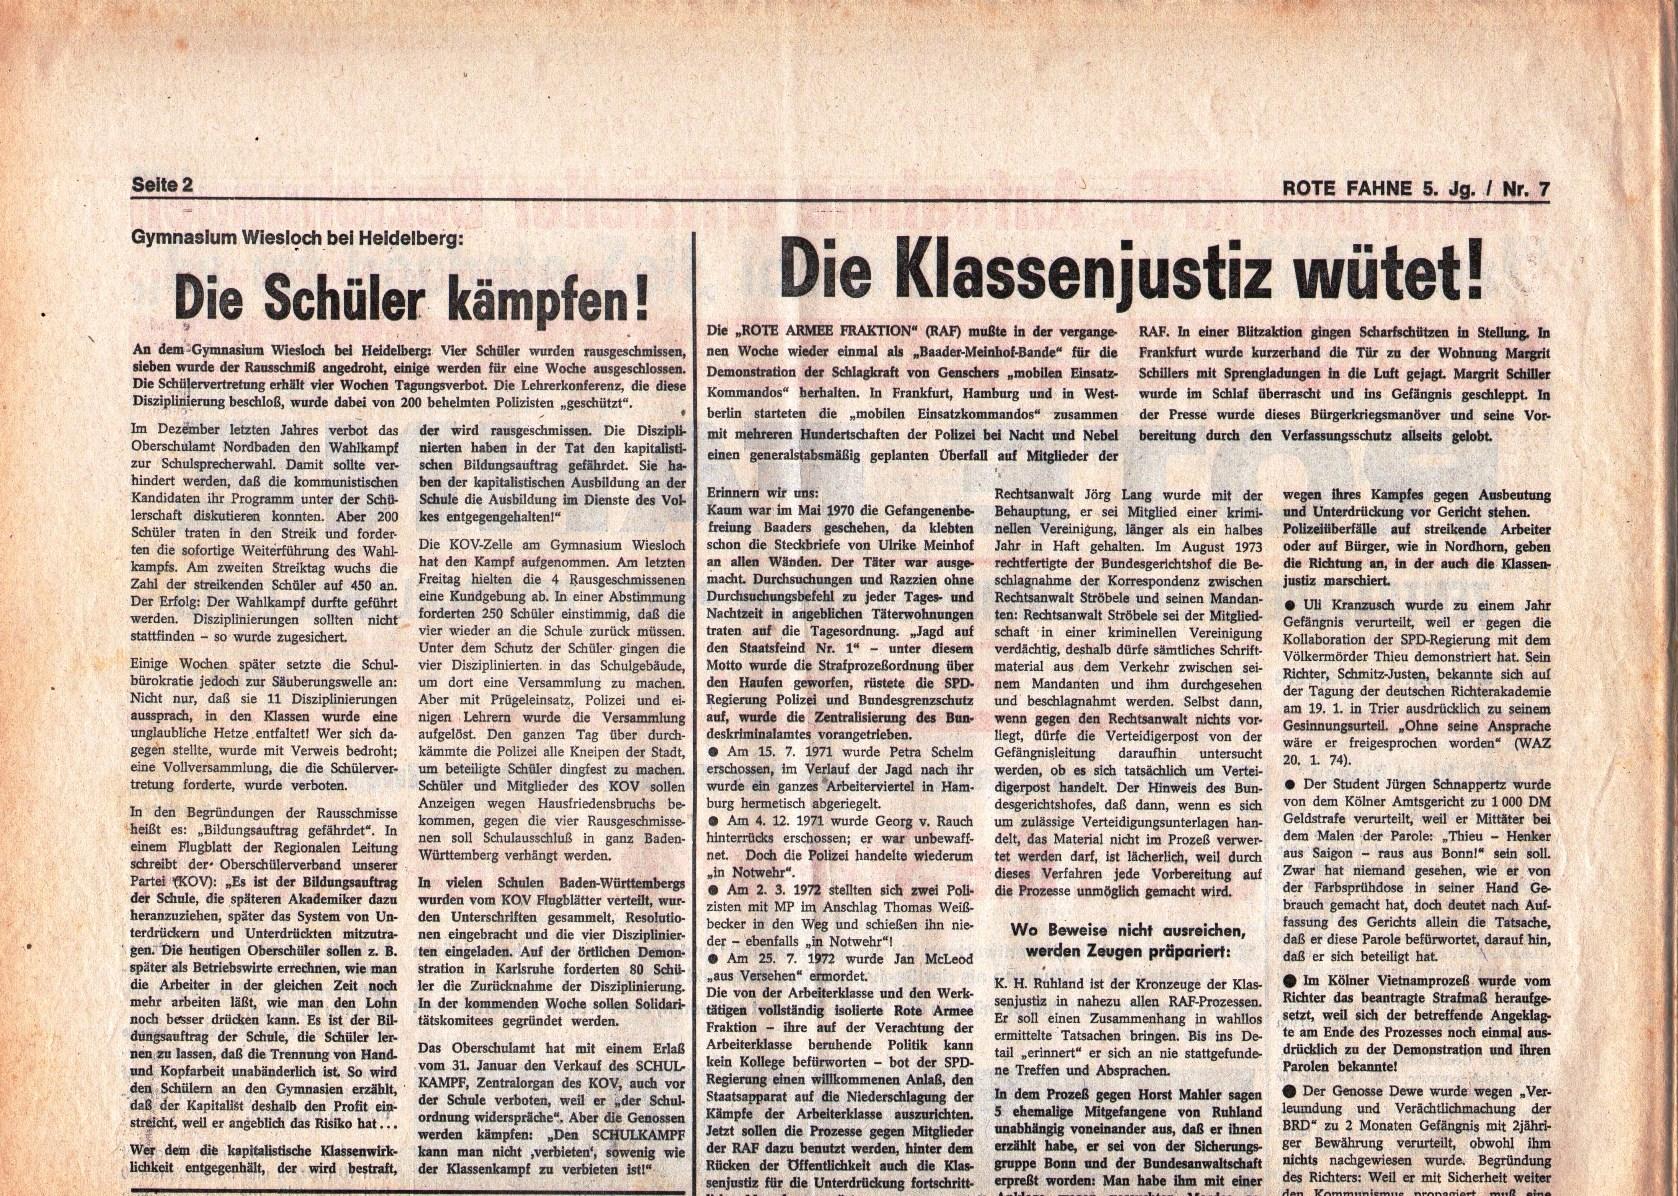 KPD_Rote_Fahne_1974_07_03